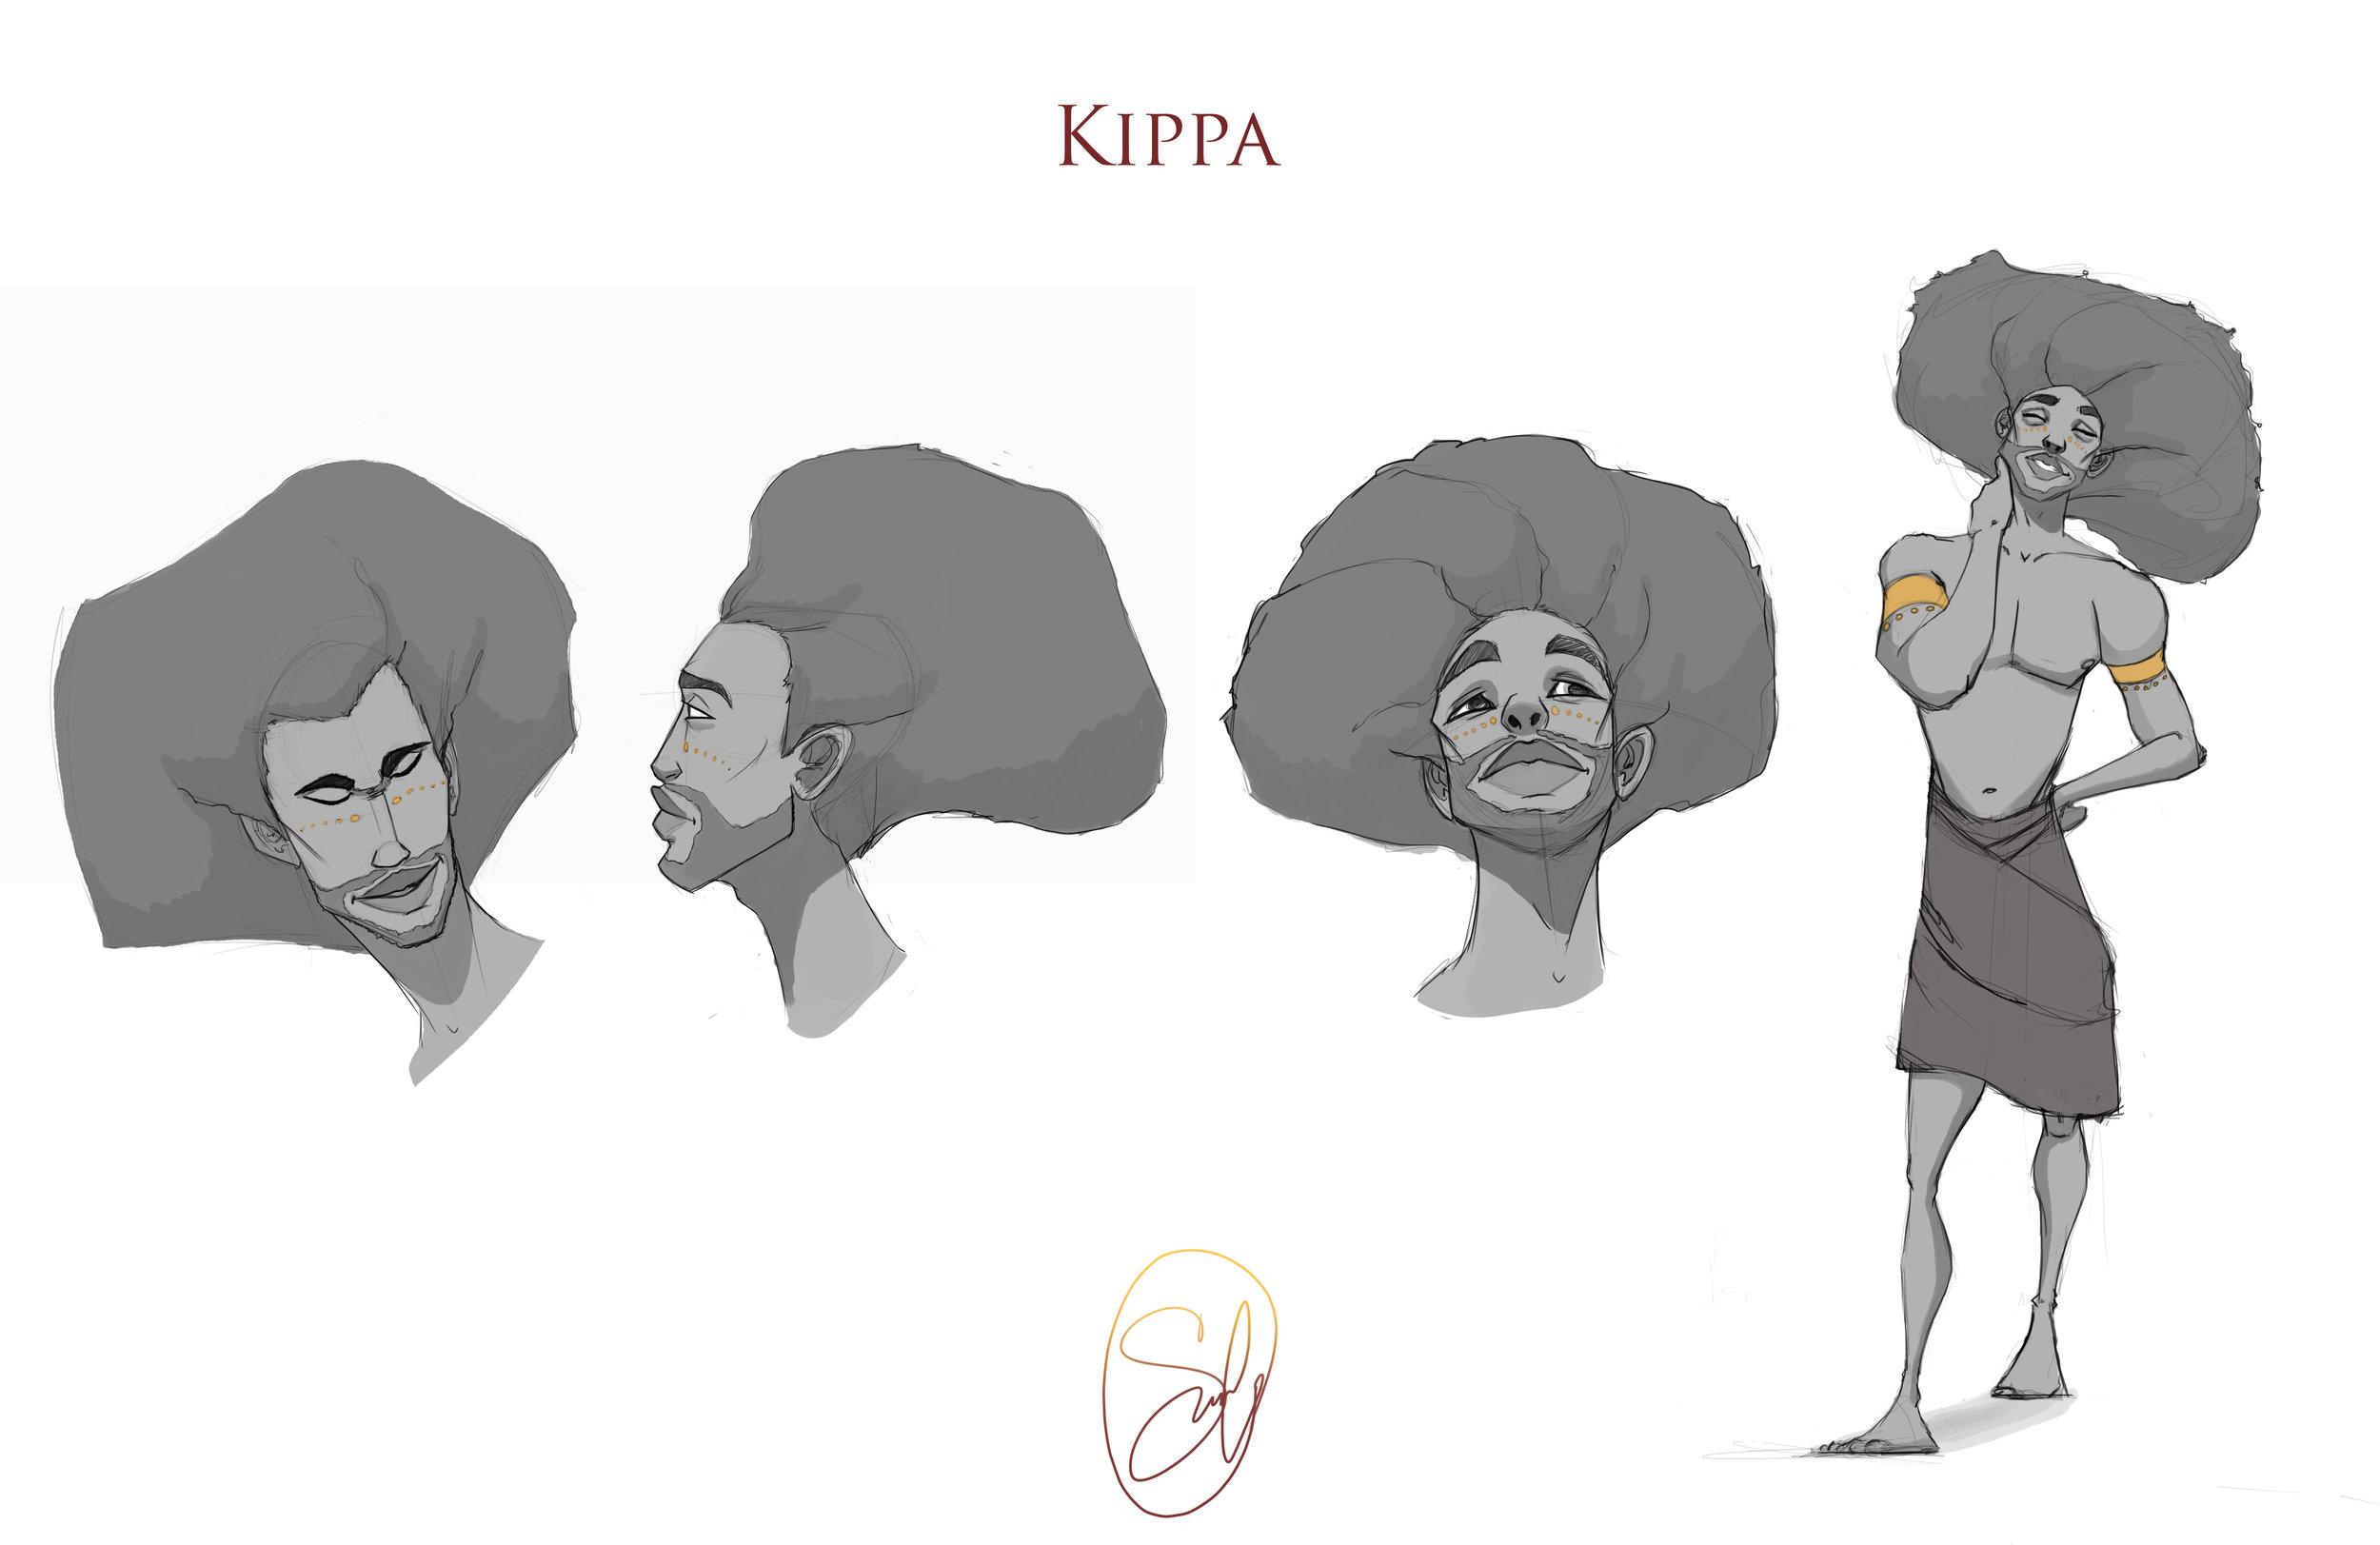 kippafriend2.jpg